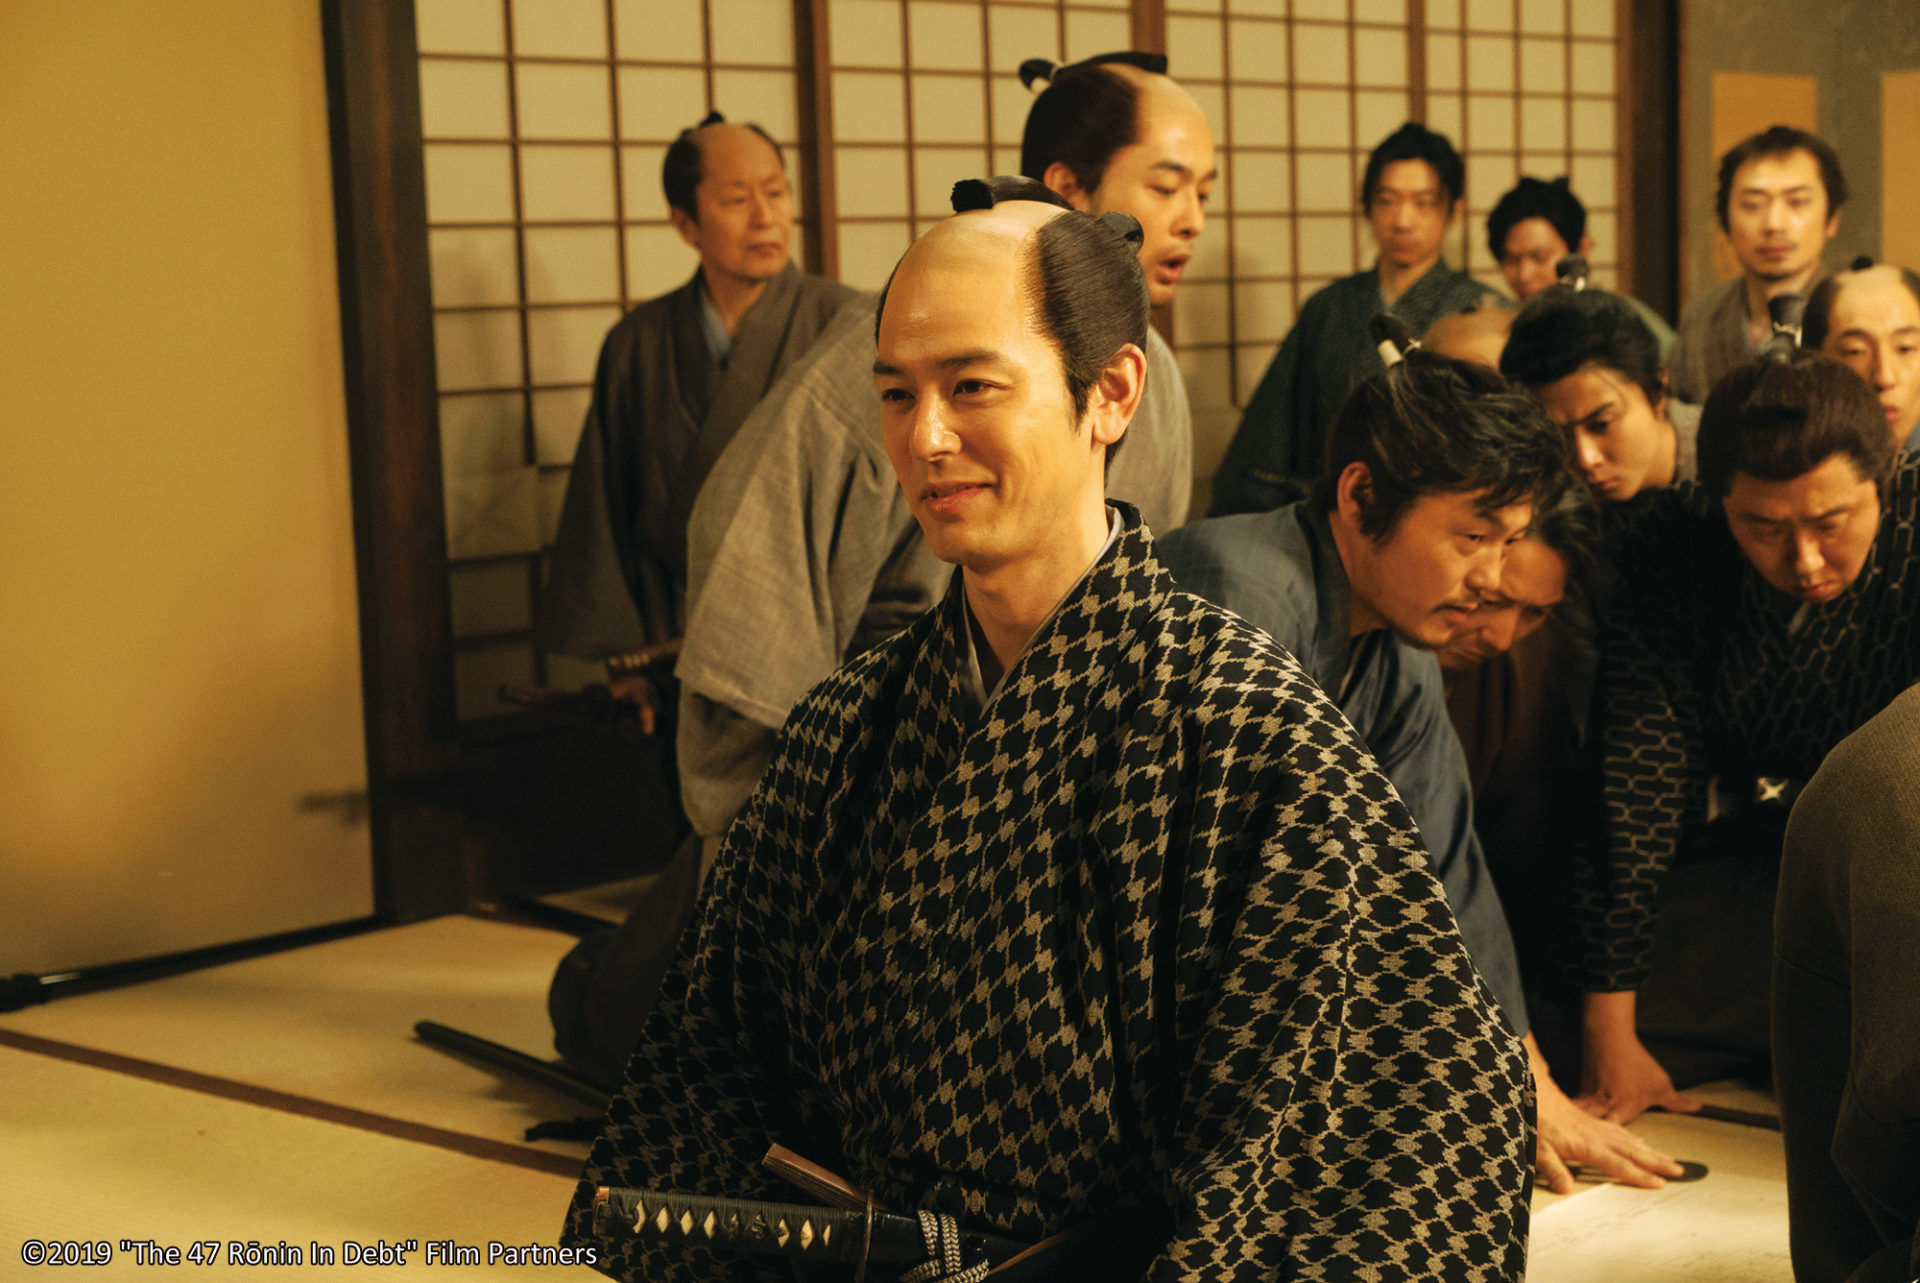 《浪人47愁錢中》改編日本史上最大復仇事件 討伐罪人竟比浪人「基努李維」更淒涼